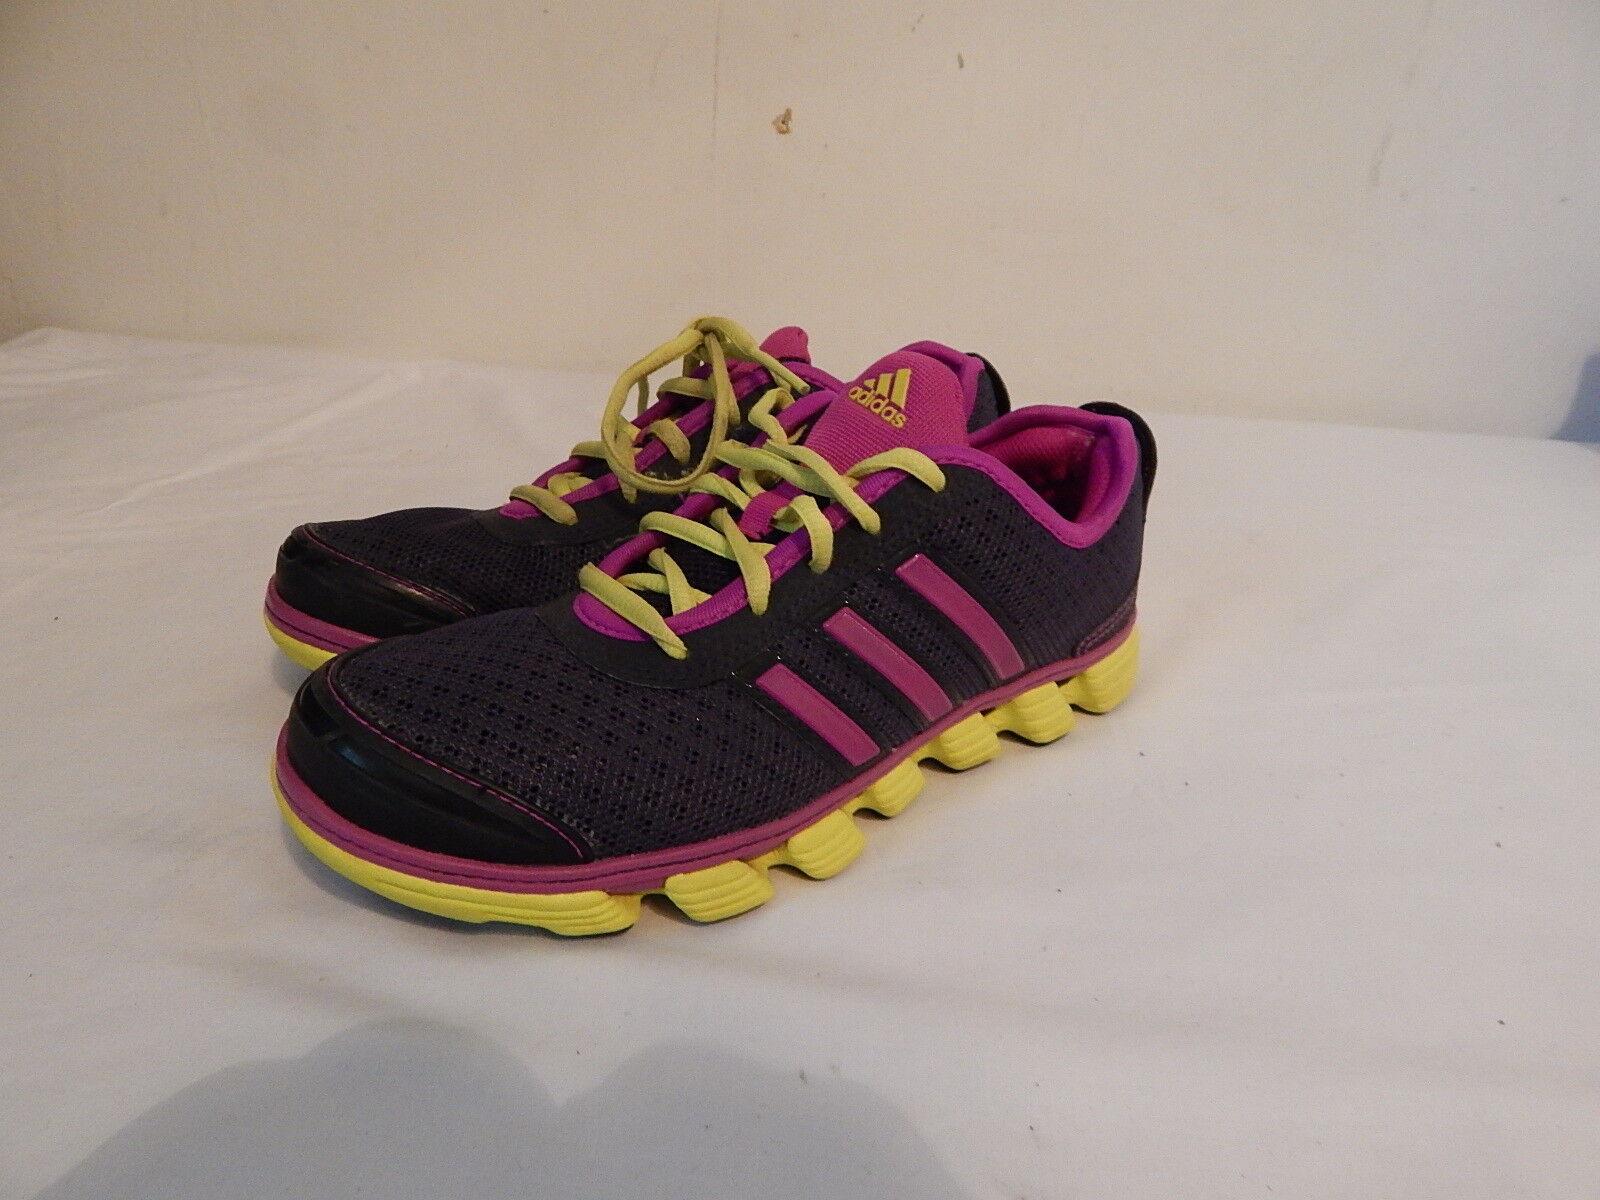 les chaussures de marche des des des tennis adidas rose taille 6 | Une Performance Fiable  23bb17